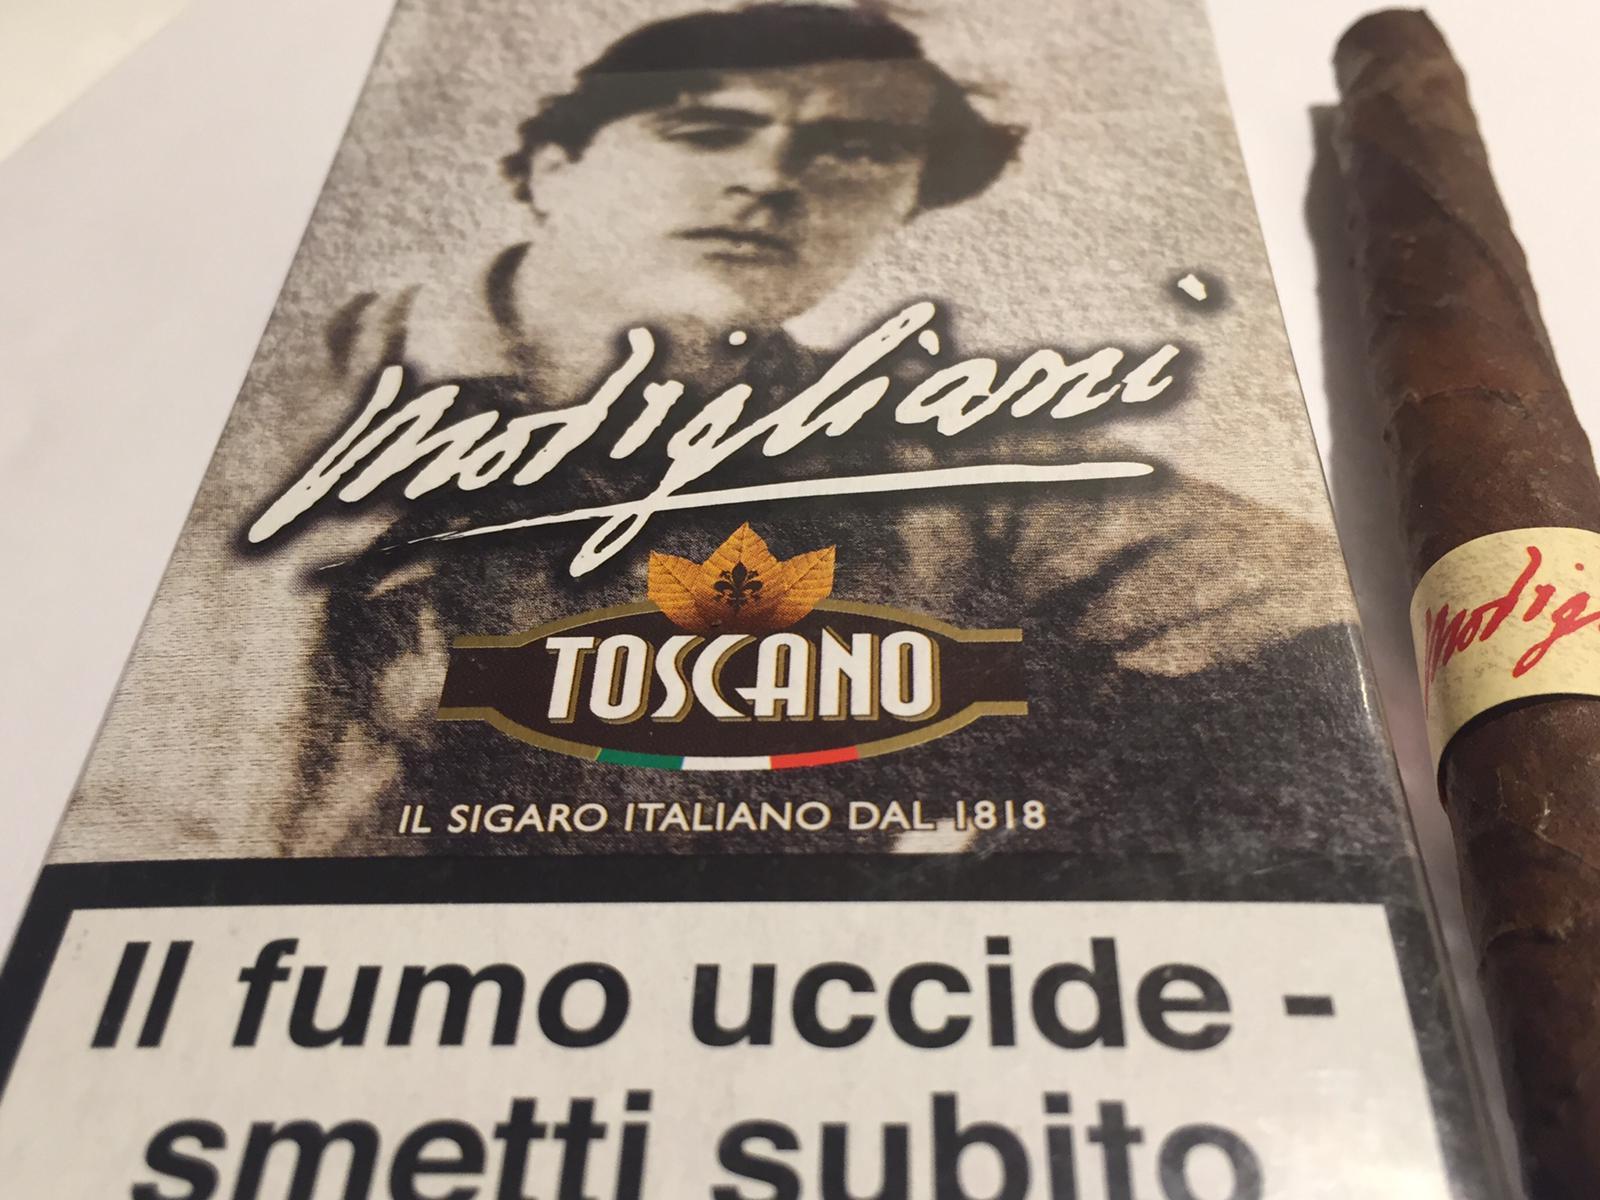 MODIGLIANI, L'AROMA FRUTTATO DEL SIGARO TOSCANO